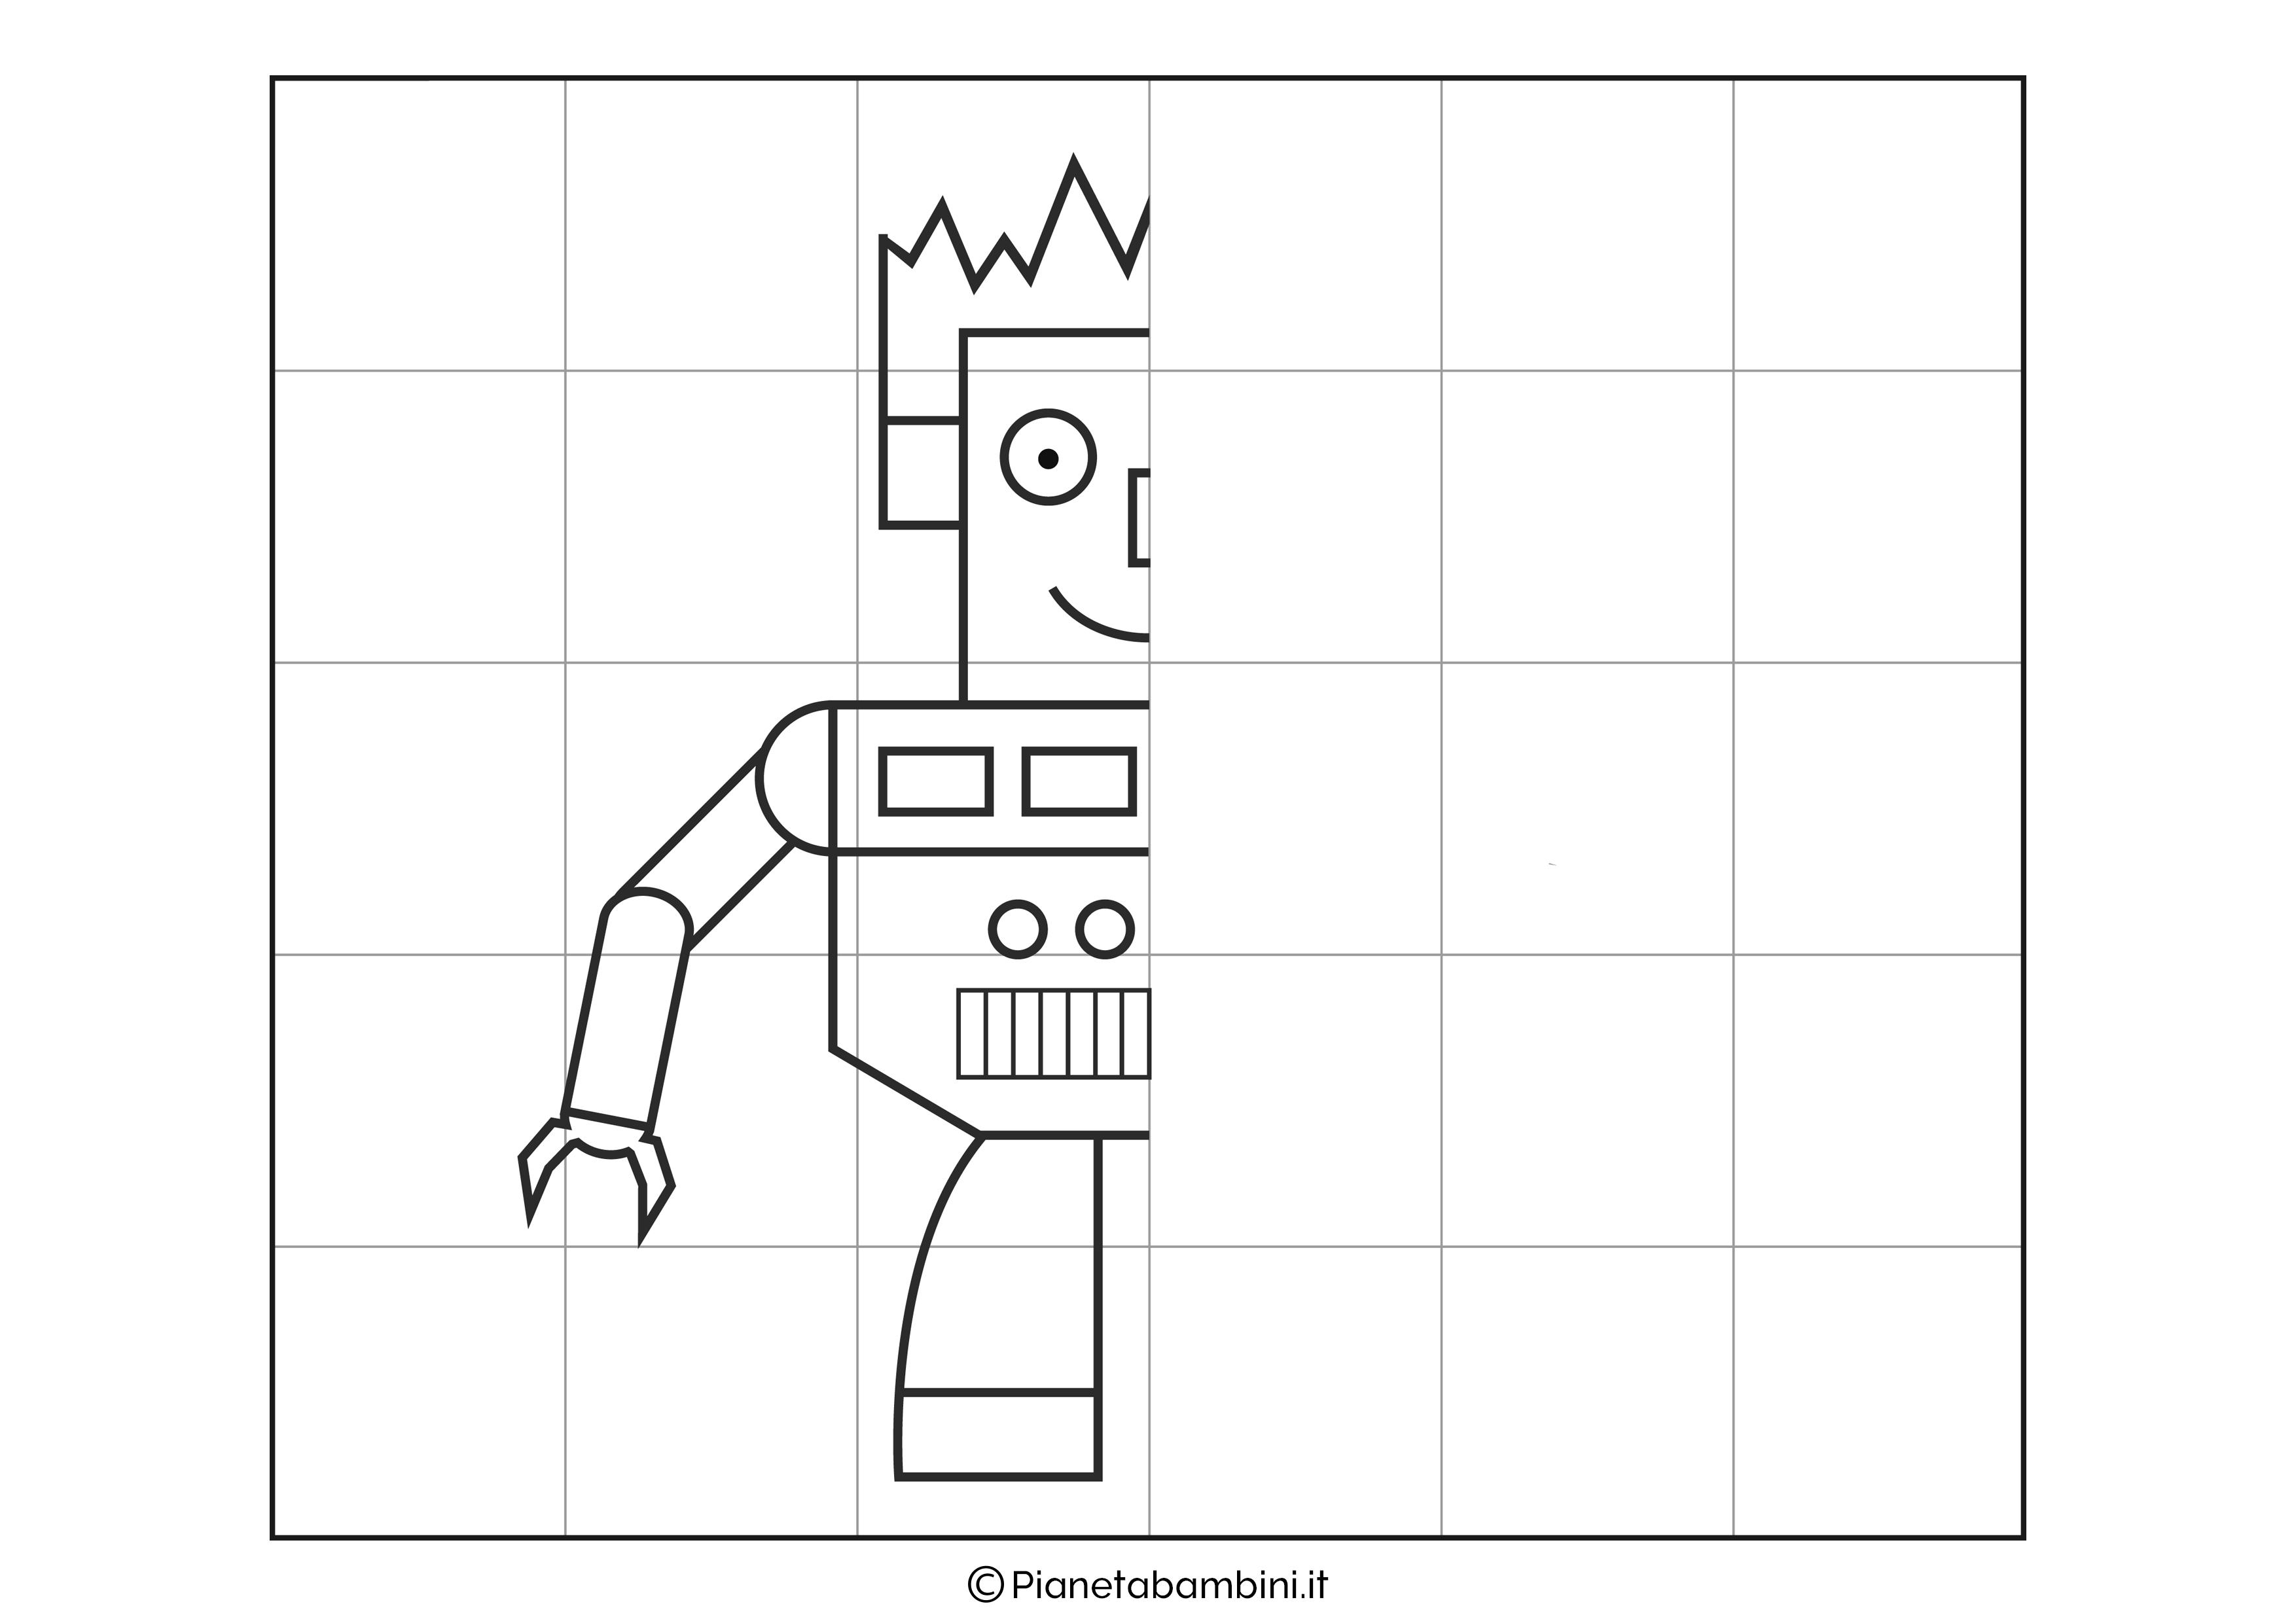 Disegno simmetrico sul robot 1 da completare